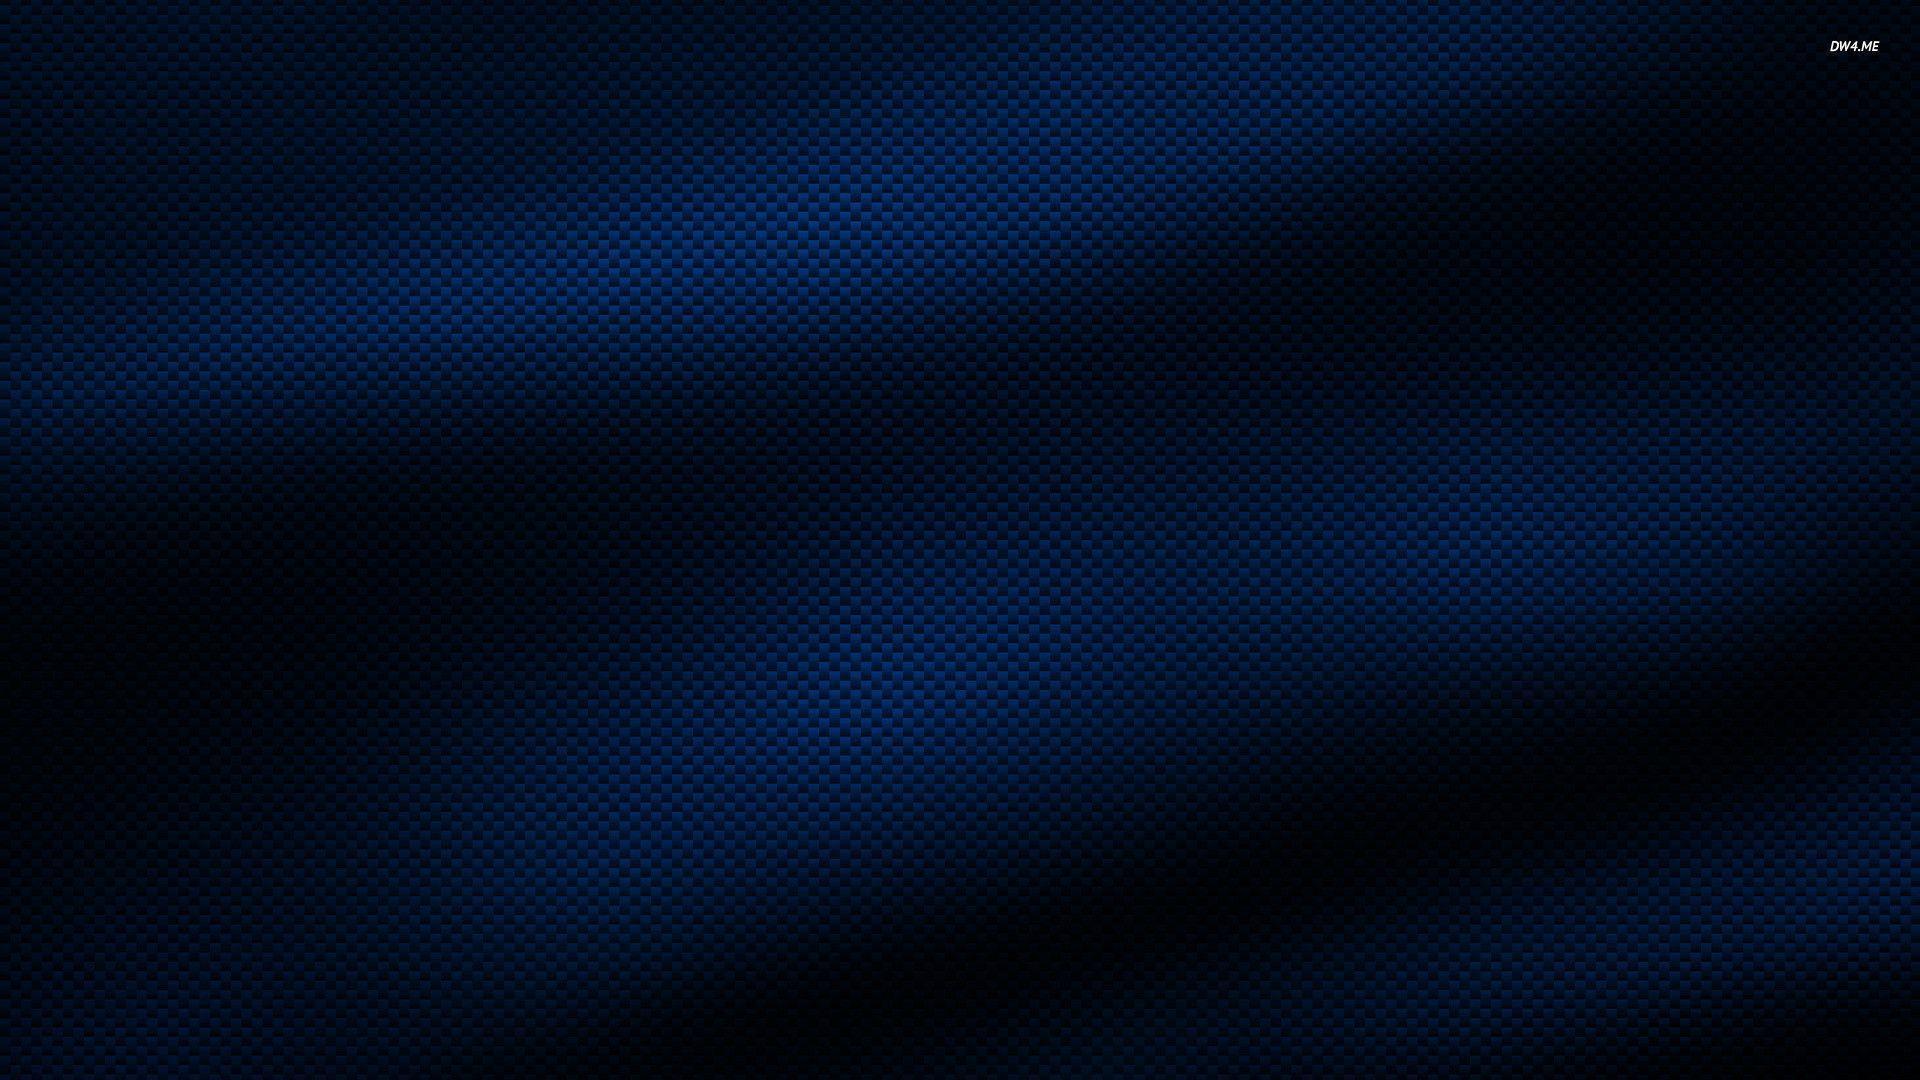 Carbon Fiber Desktop HD Wallpaper 3.